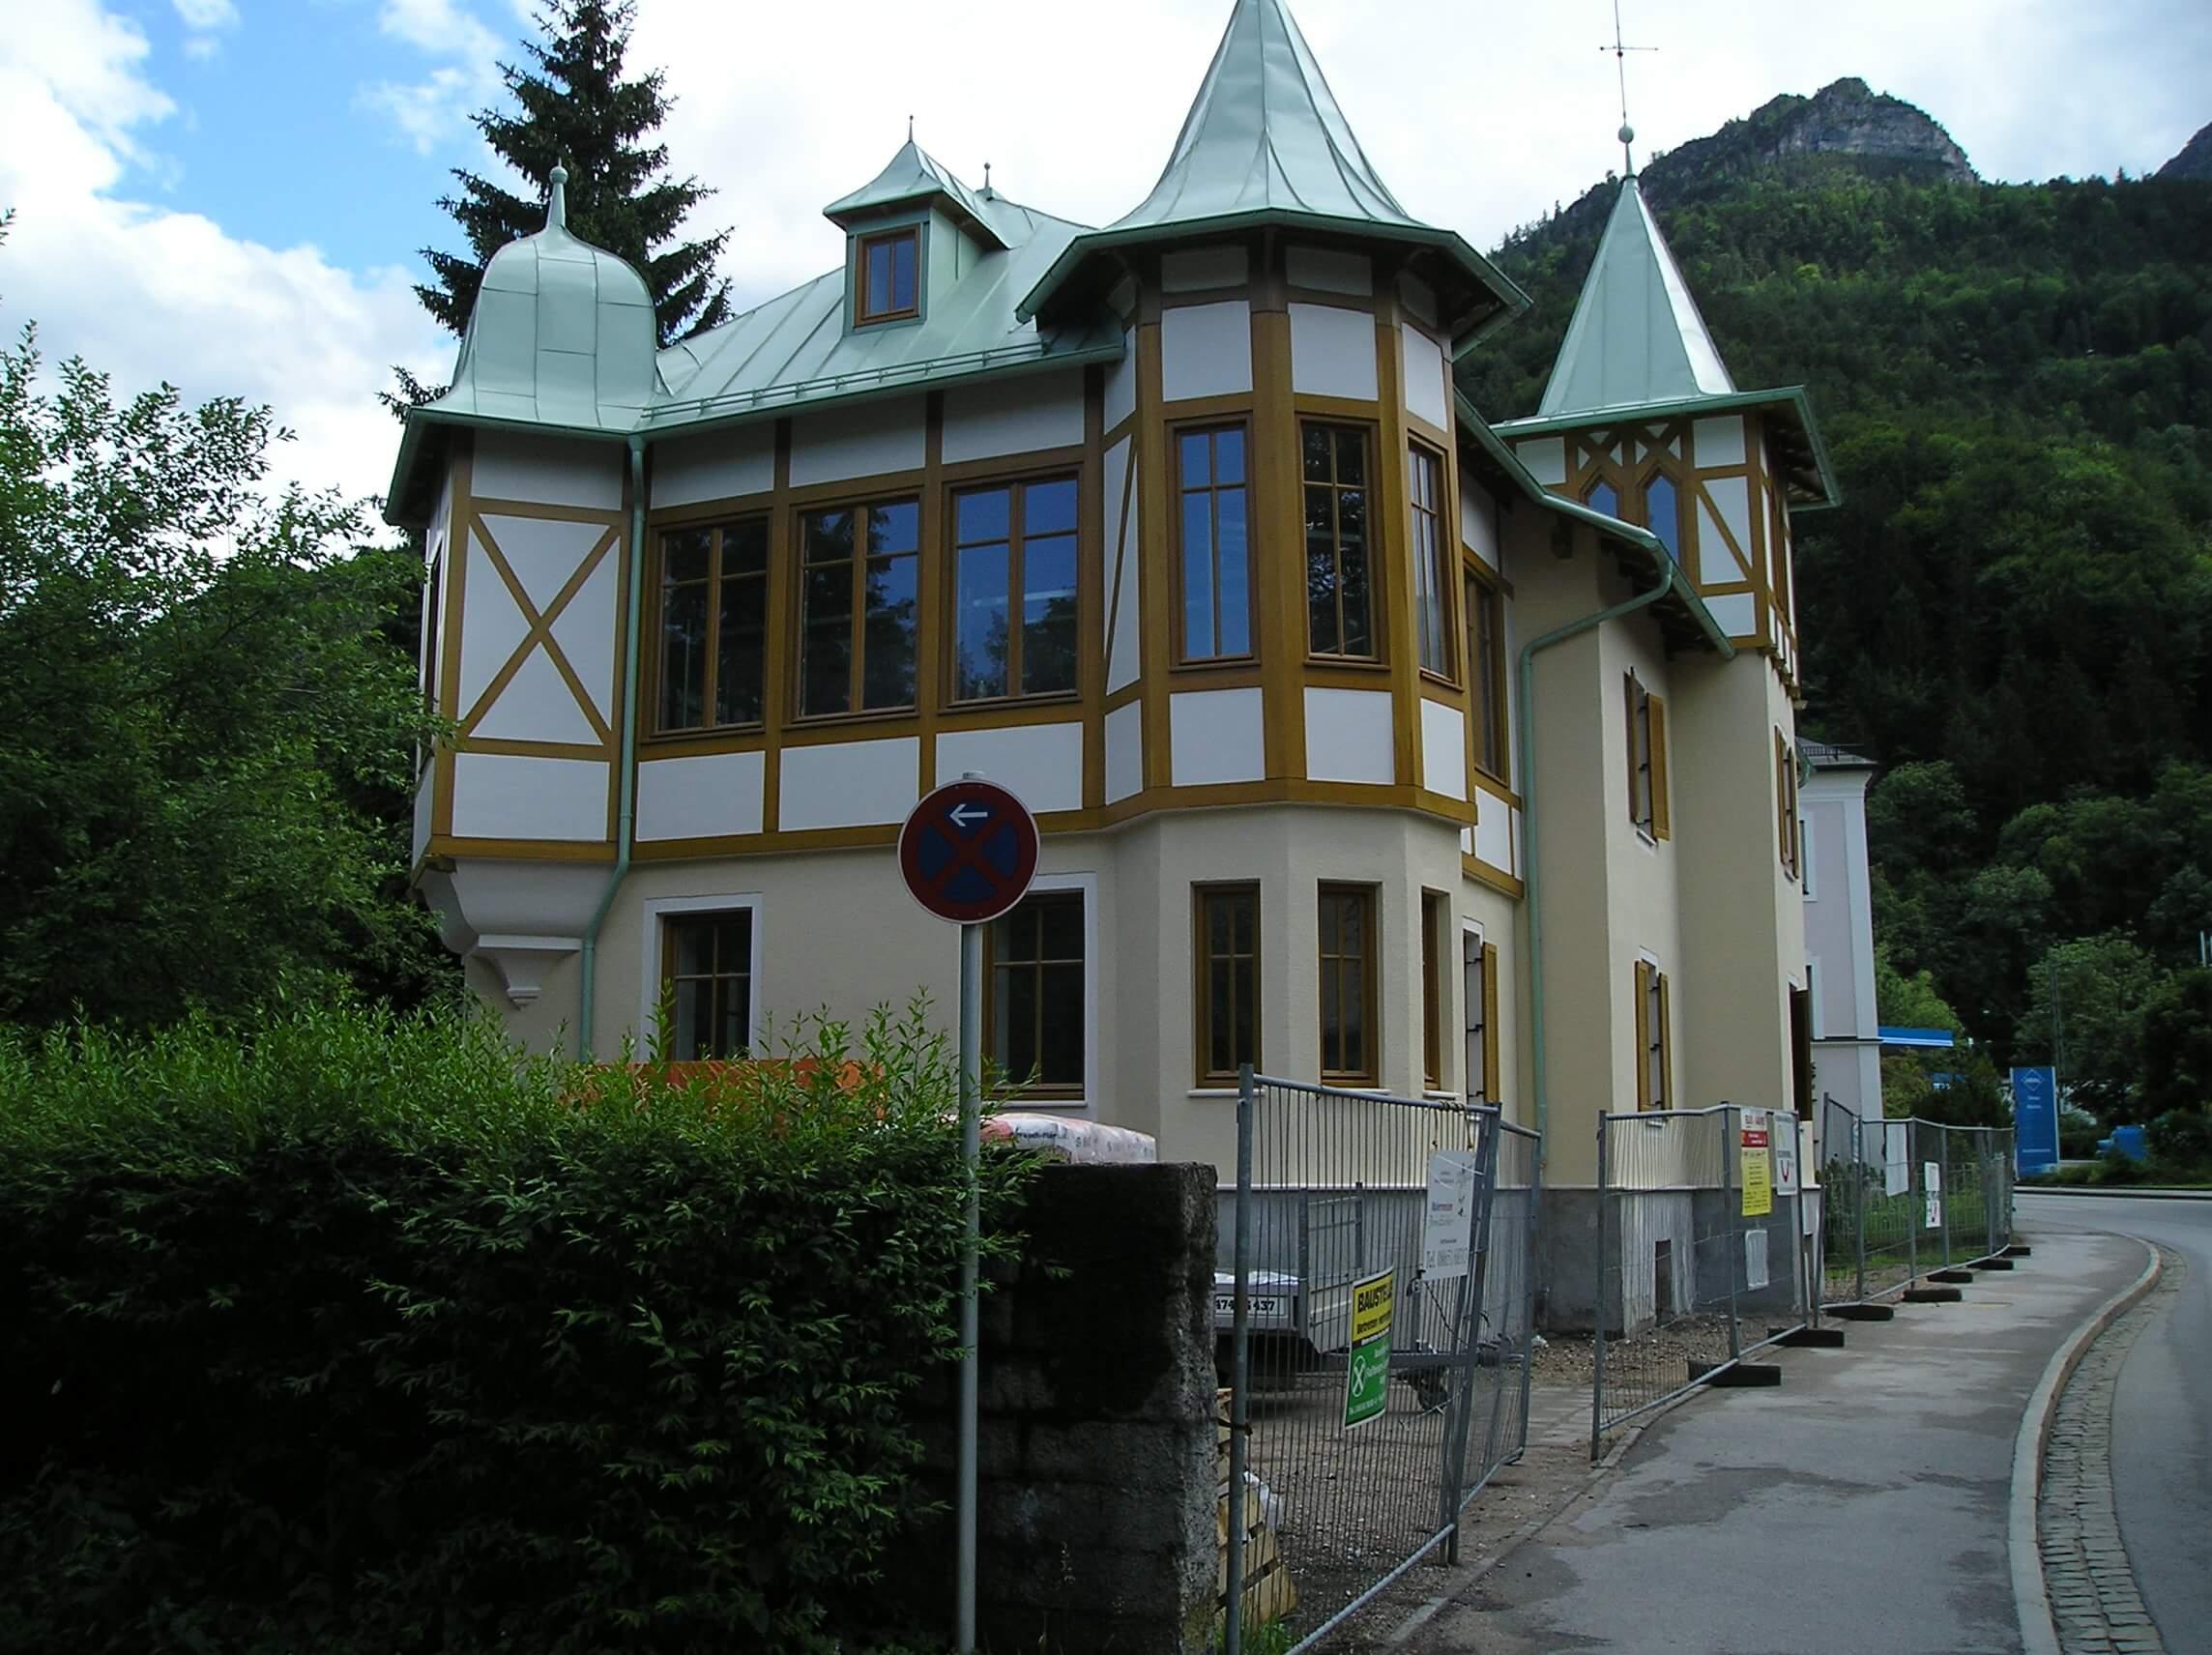 Tieleman Keukens in Oostenrijk